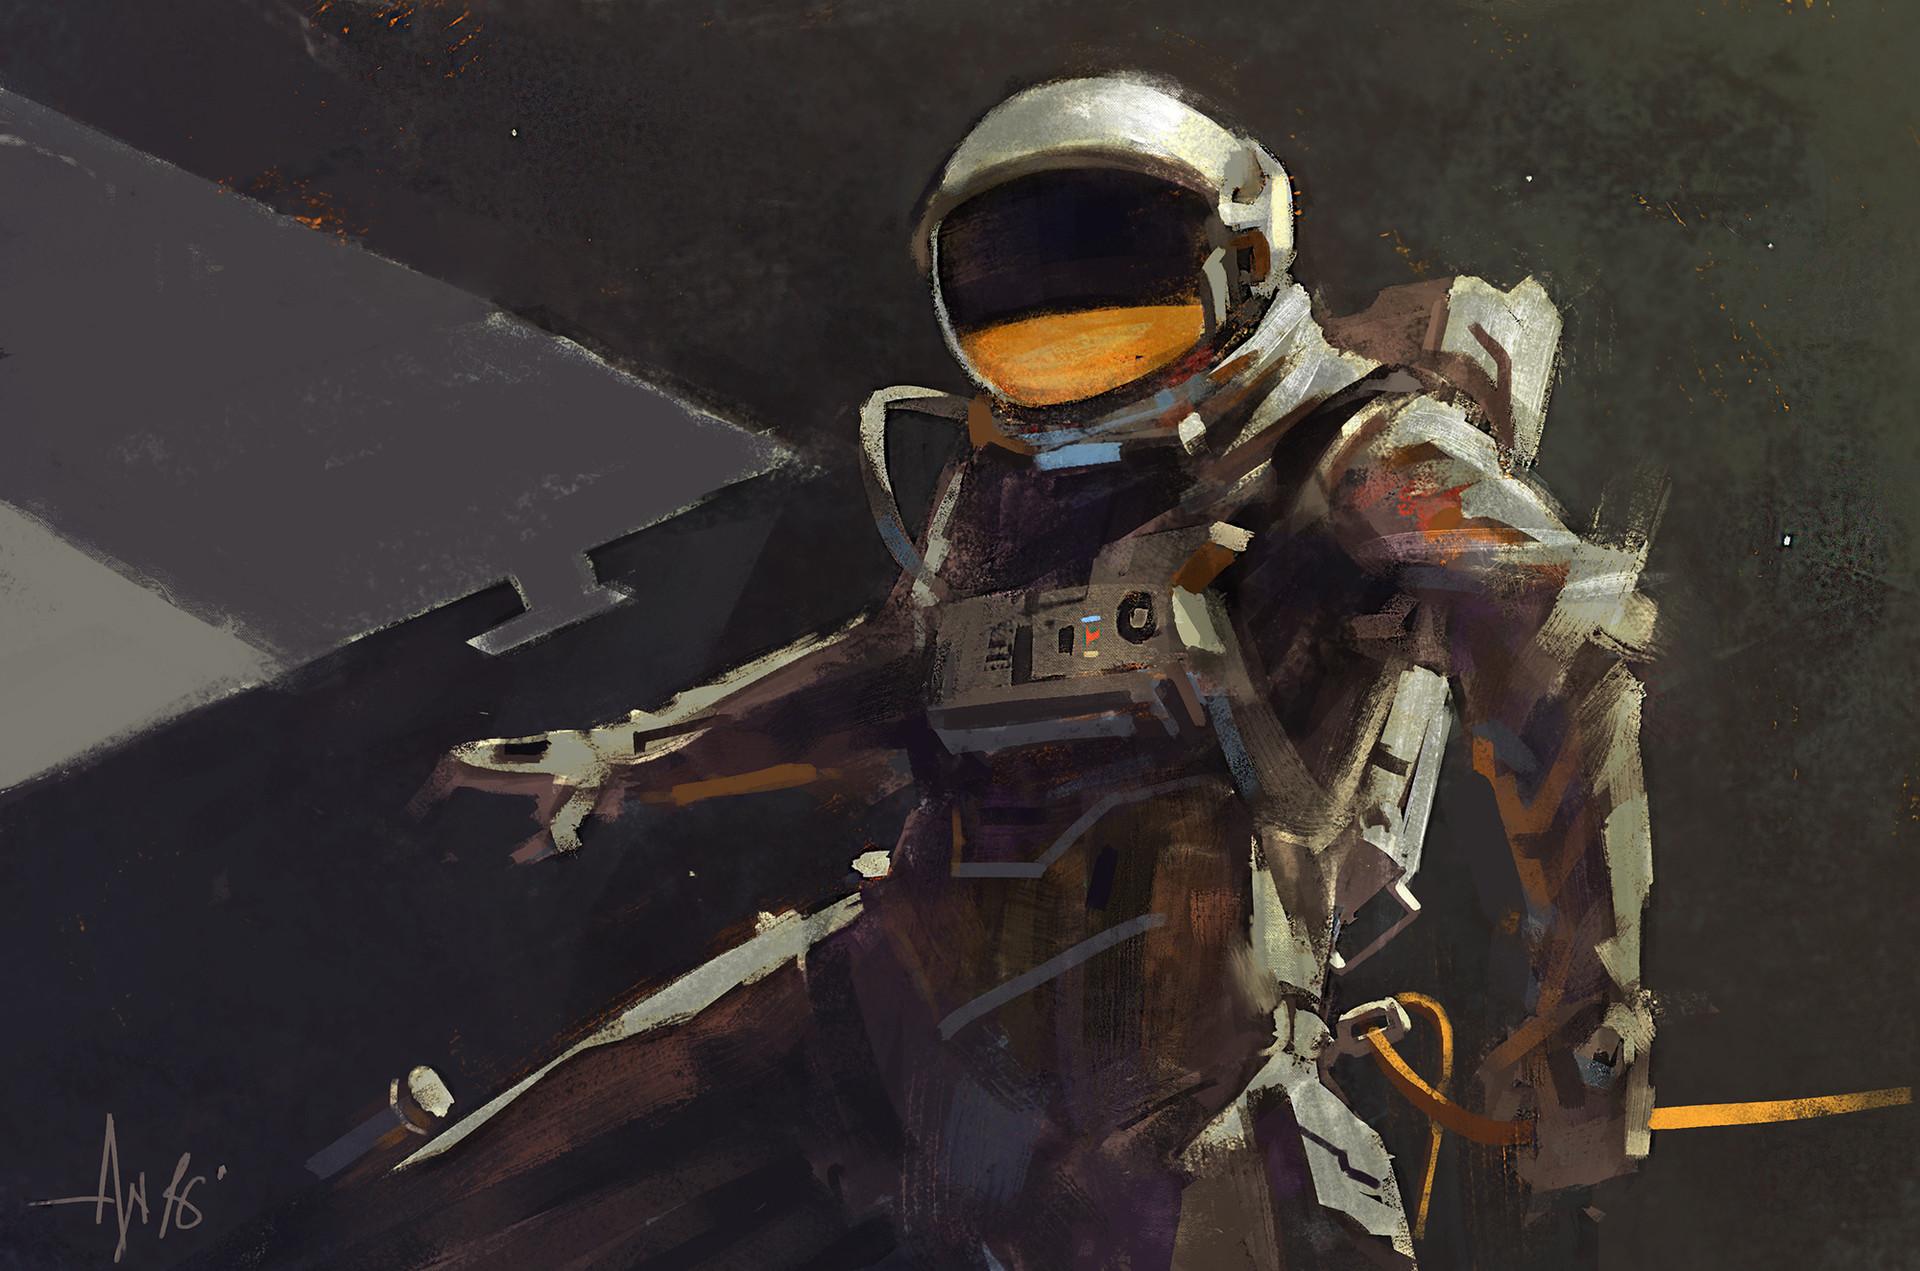 Ayan nag astronaut by ayan nag lr